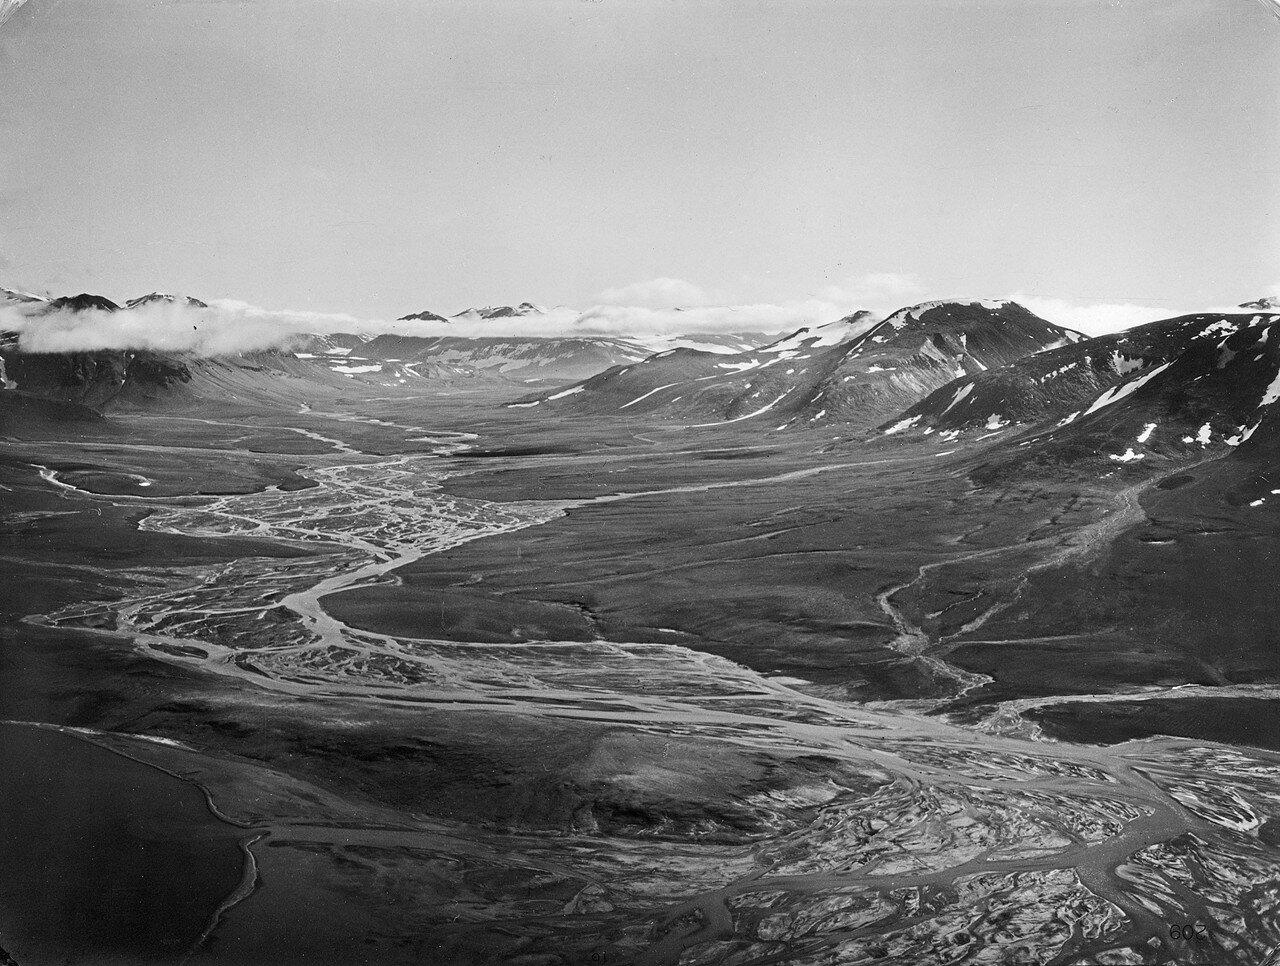 1931. Новая Земля. Вид с воздуха на горный пейзаж с рекой Шумилицей, впадающей в Маточкин пролив